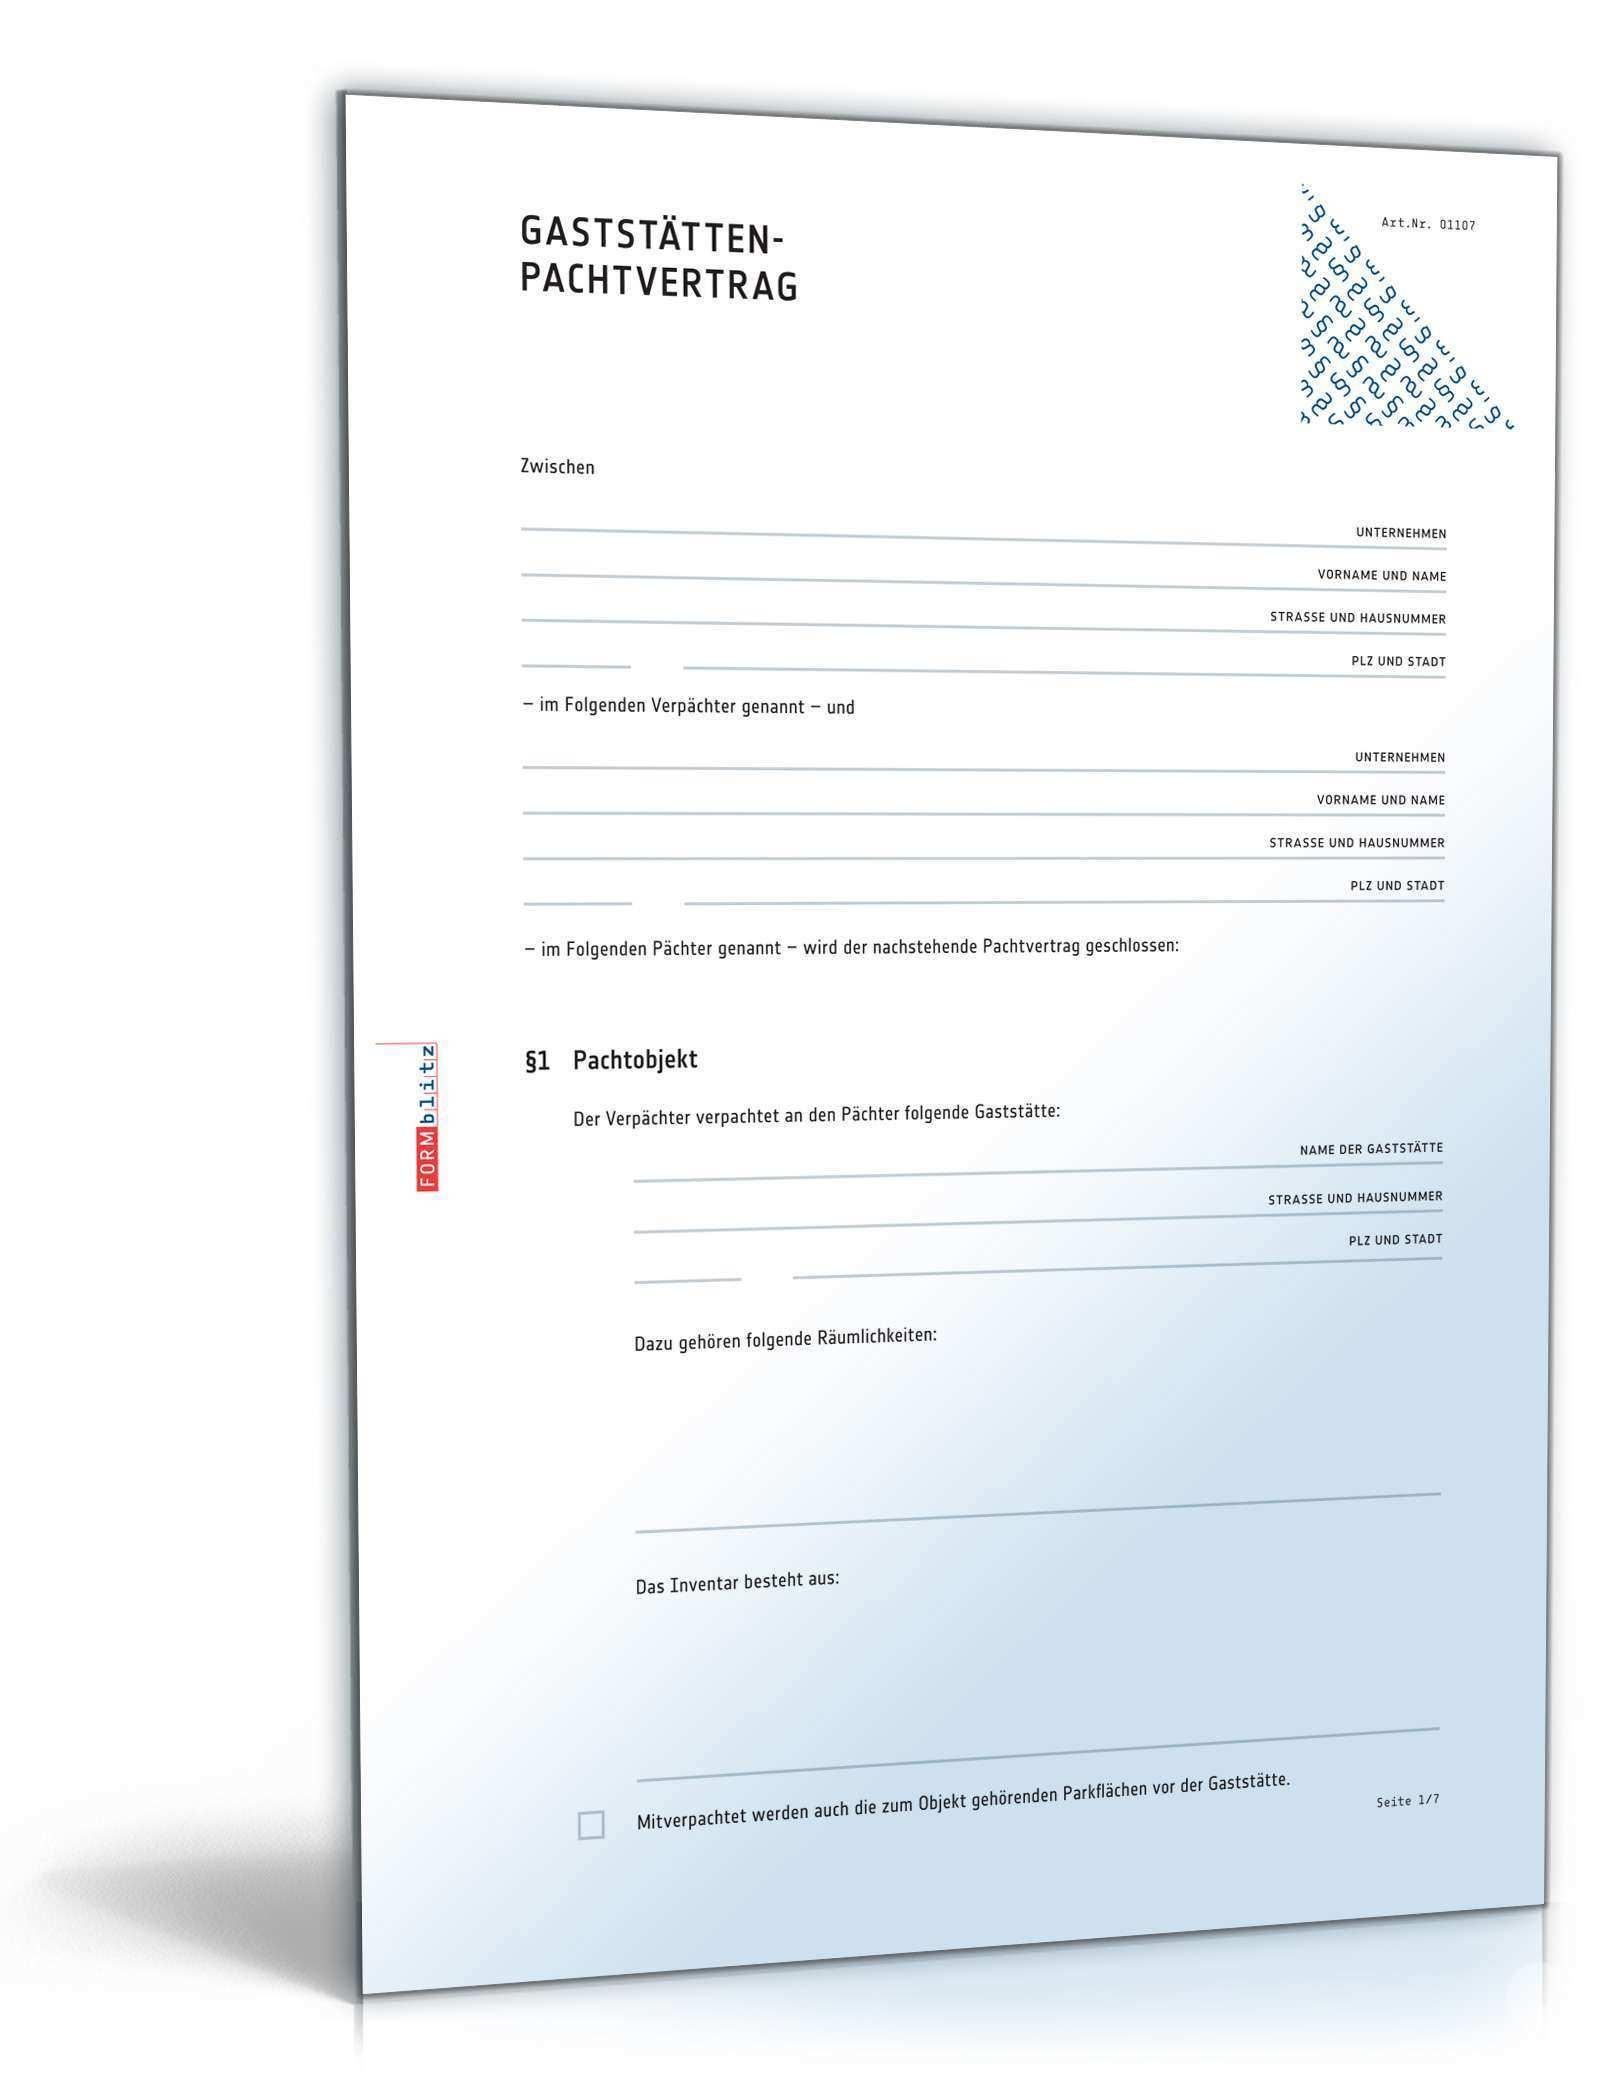 Pachtvertrag Gaststatte Rechtssicheres Muster Zum Download